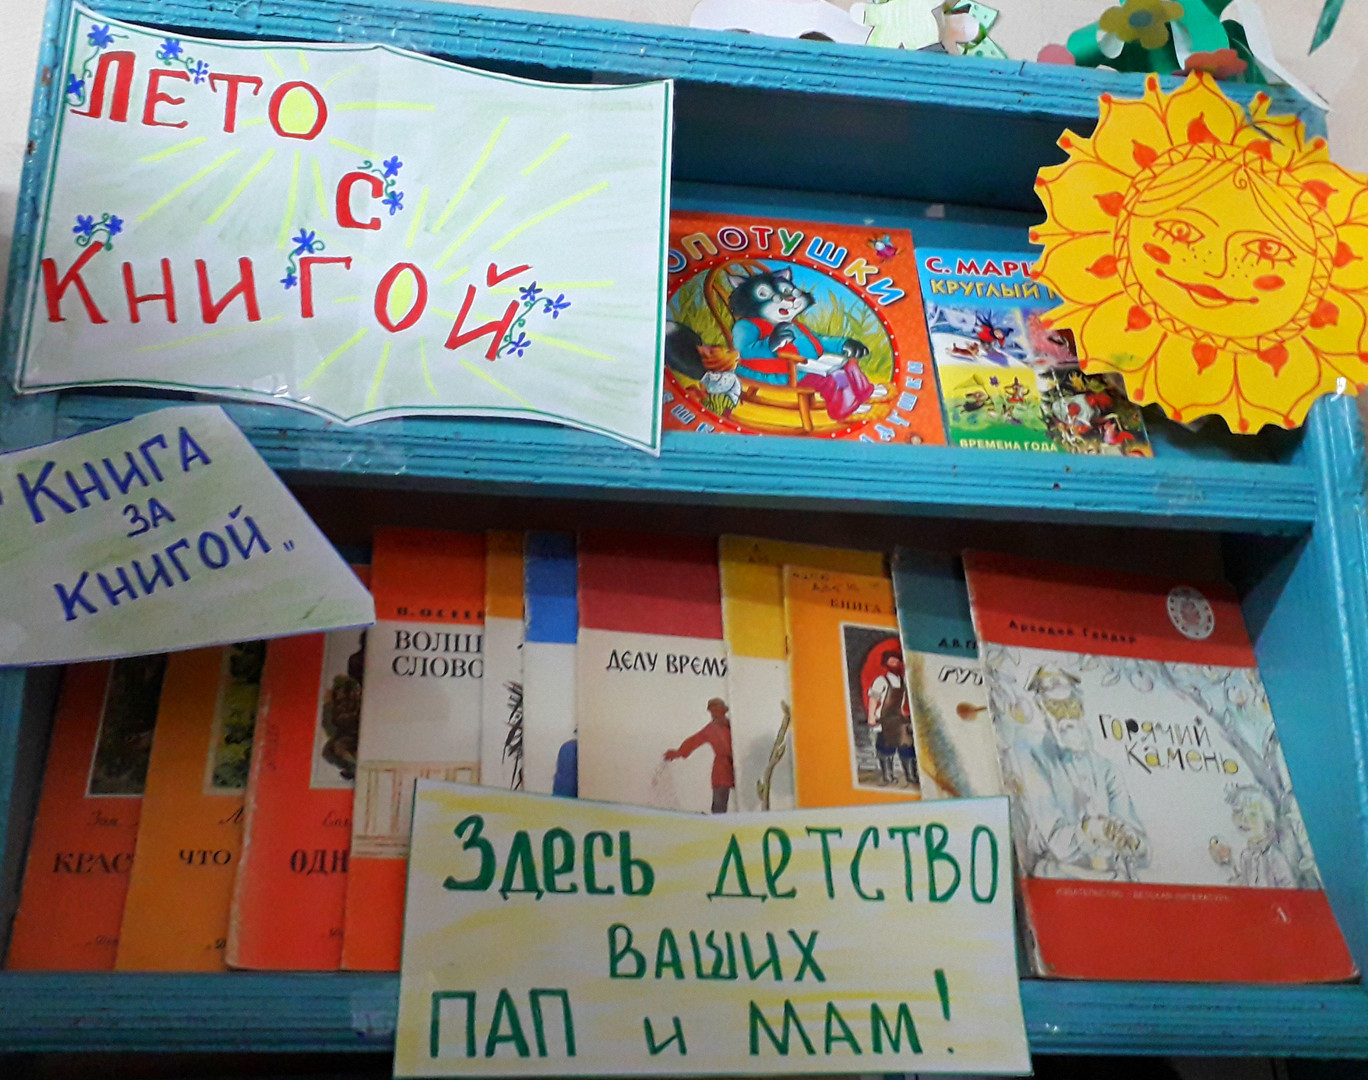 Куминовская б-ка Лето с книгой.jpg